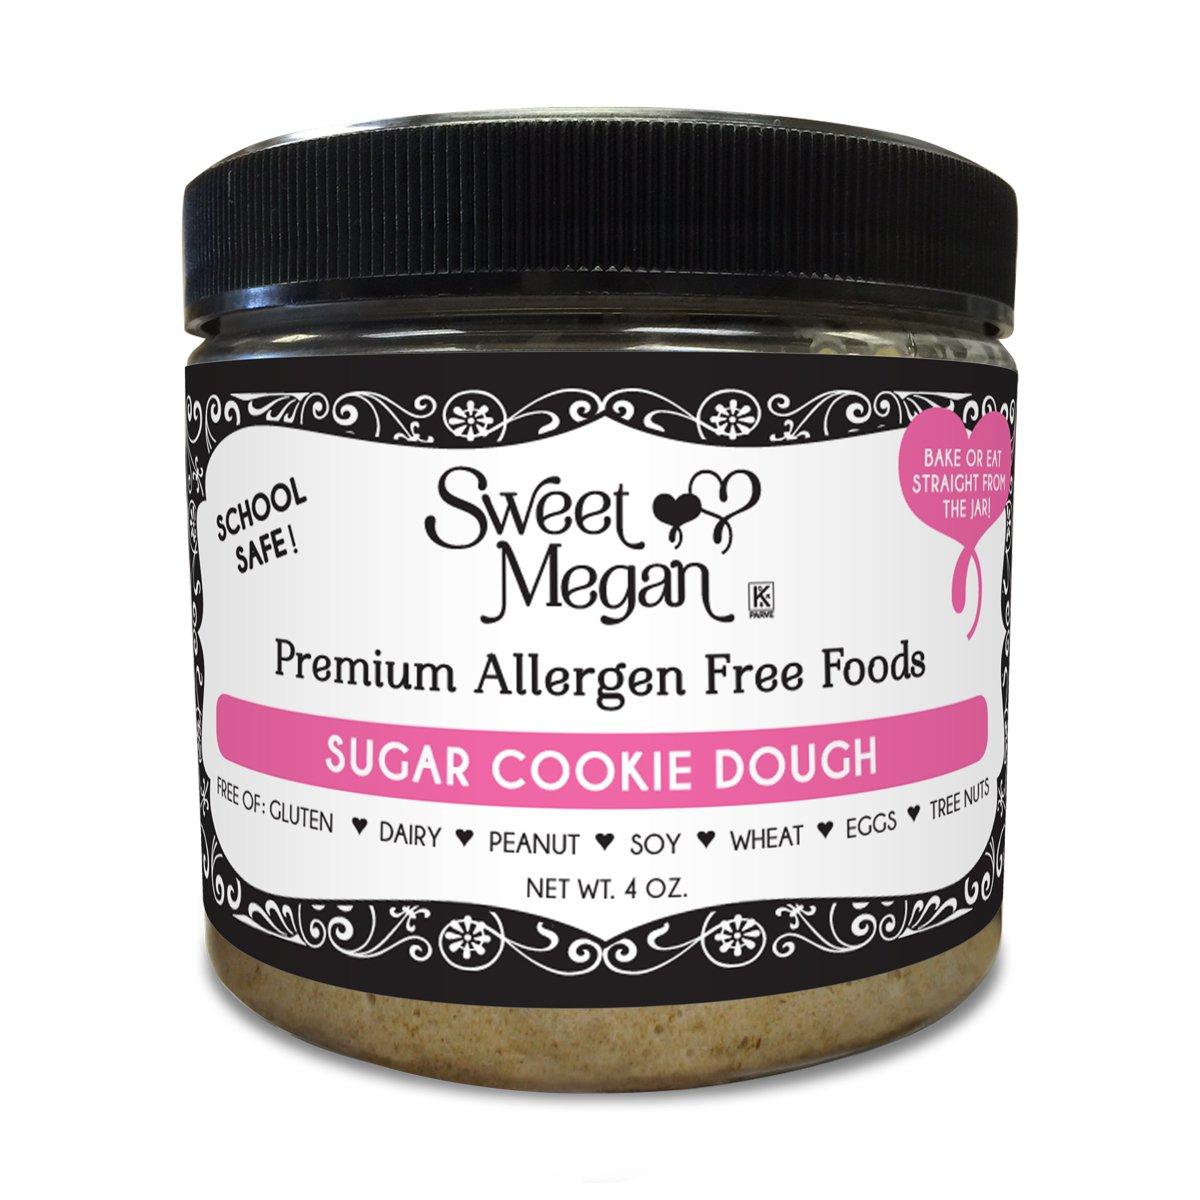 Prompt, megan sweets pink top congratulate